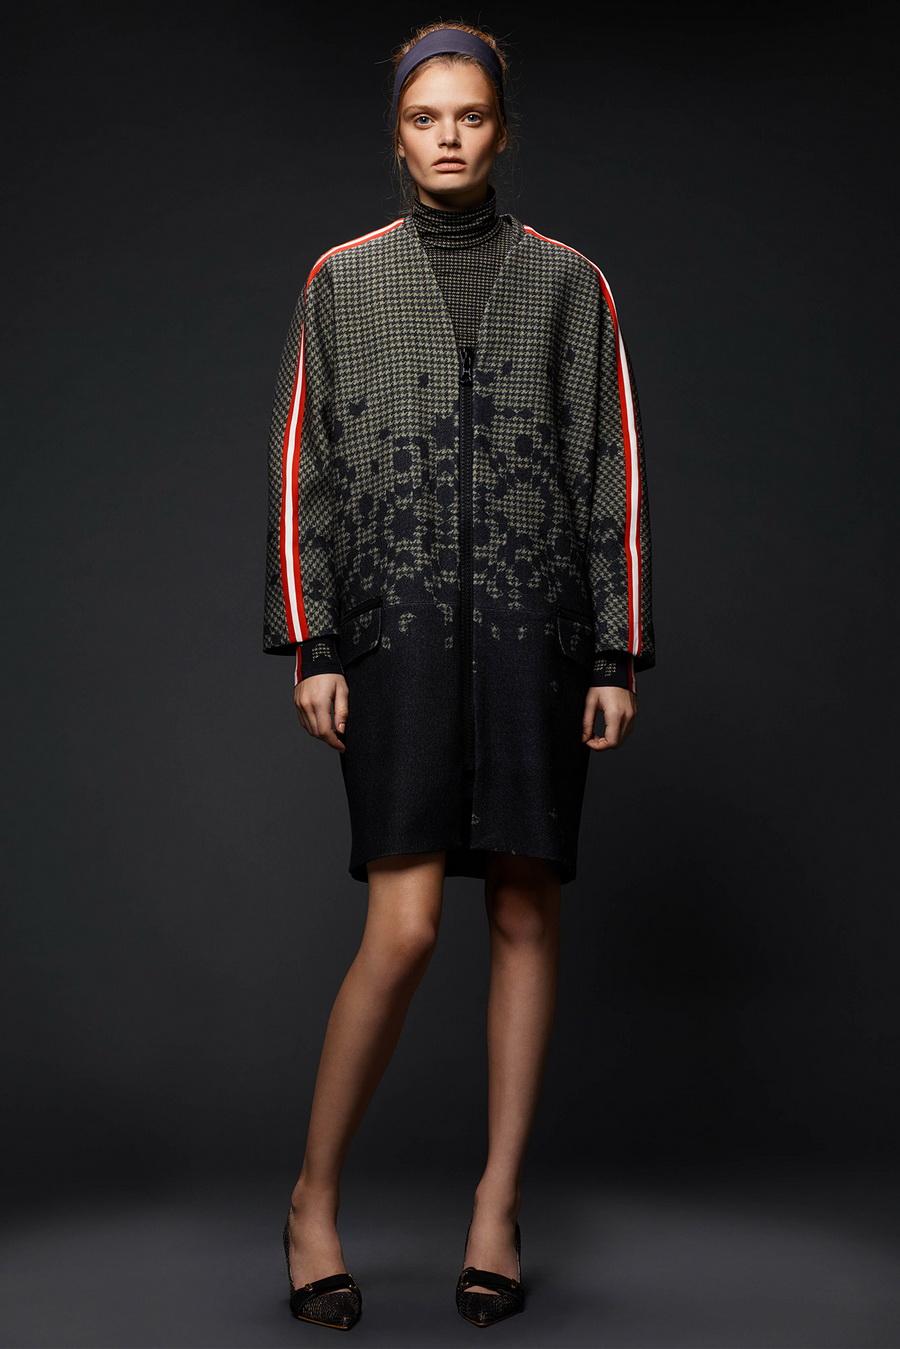 пальто - удлиненный бомбер - тенденции моды осень/зима 2015/2016